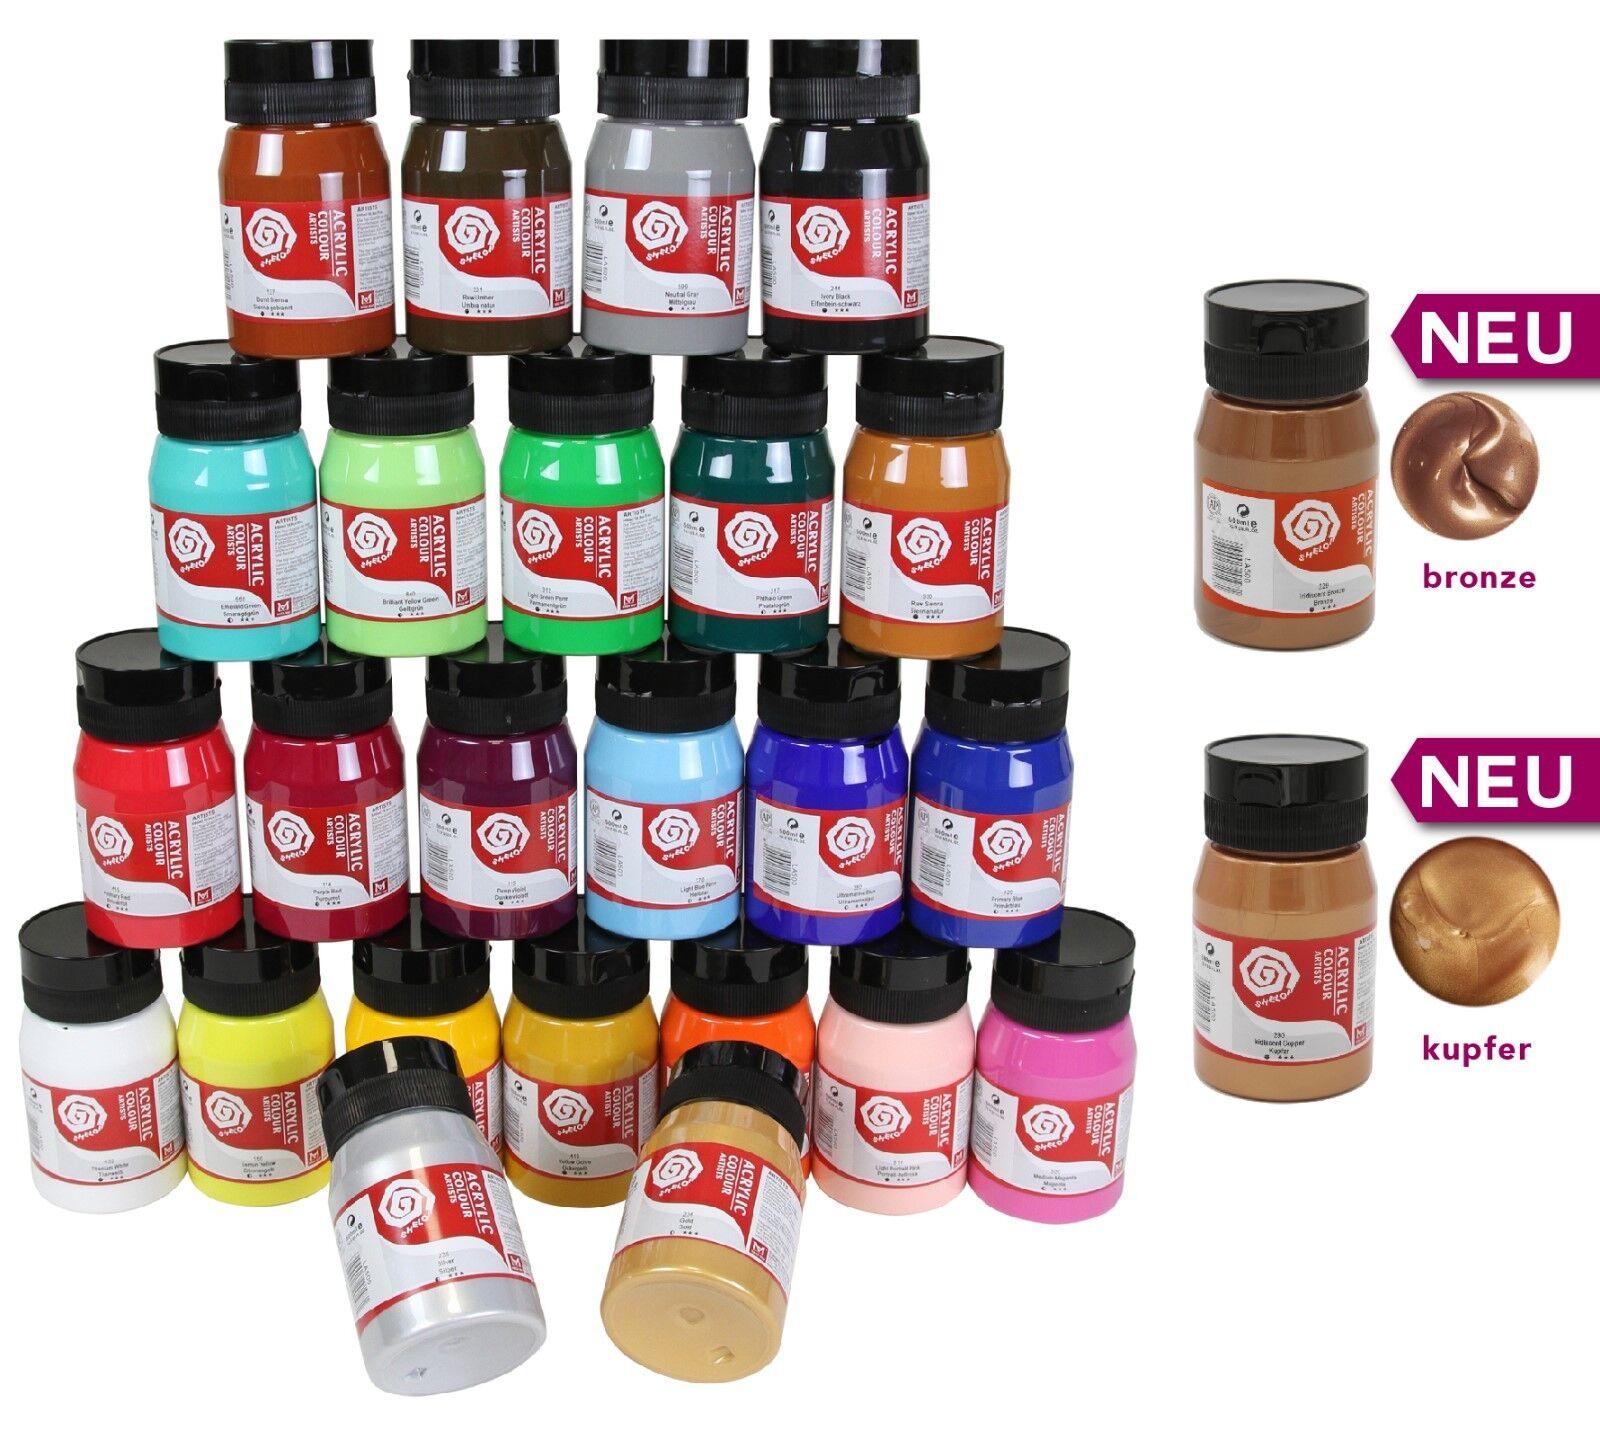 (15,9€/l) ARTIST Künstler-Acrylfarbe, 500 ml, 24 hochpigmentierte Farben, Malen